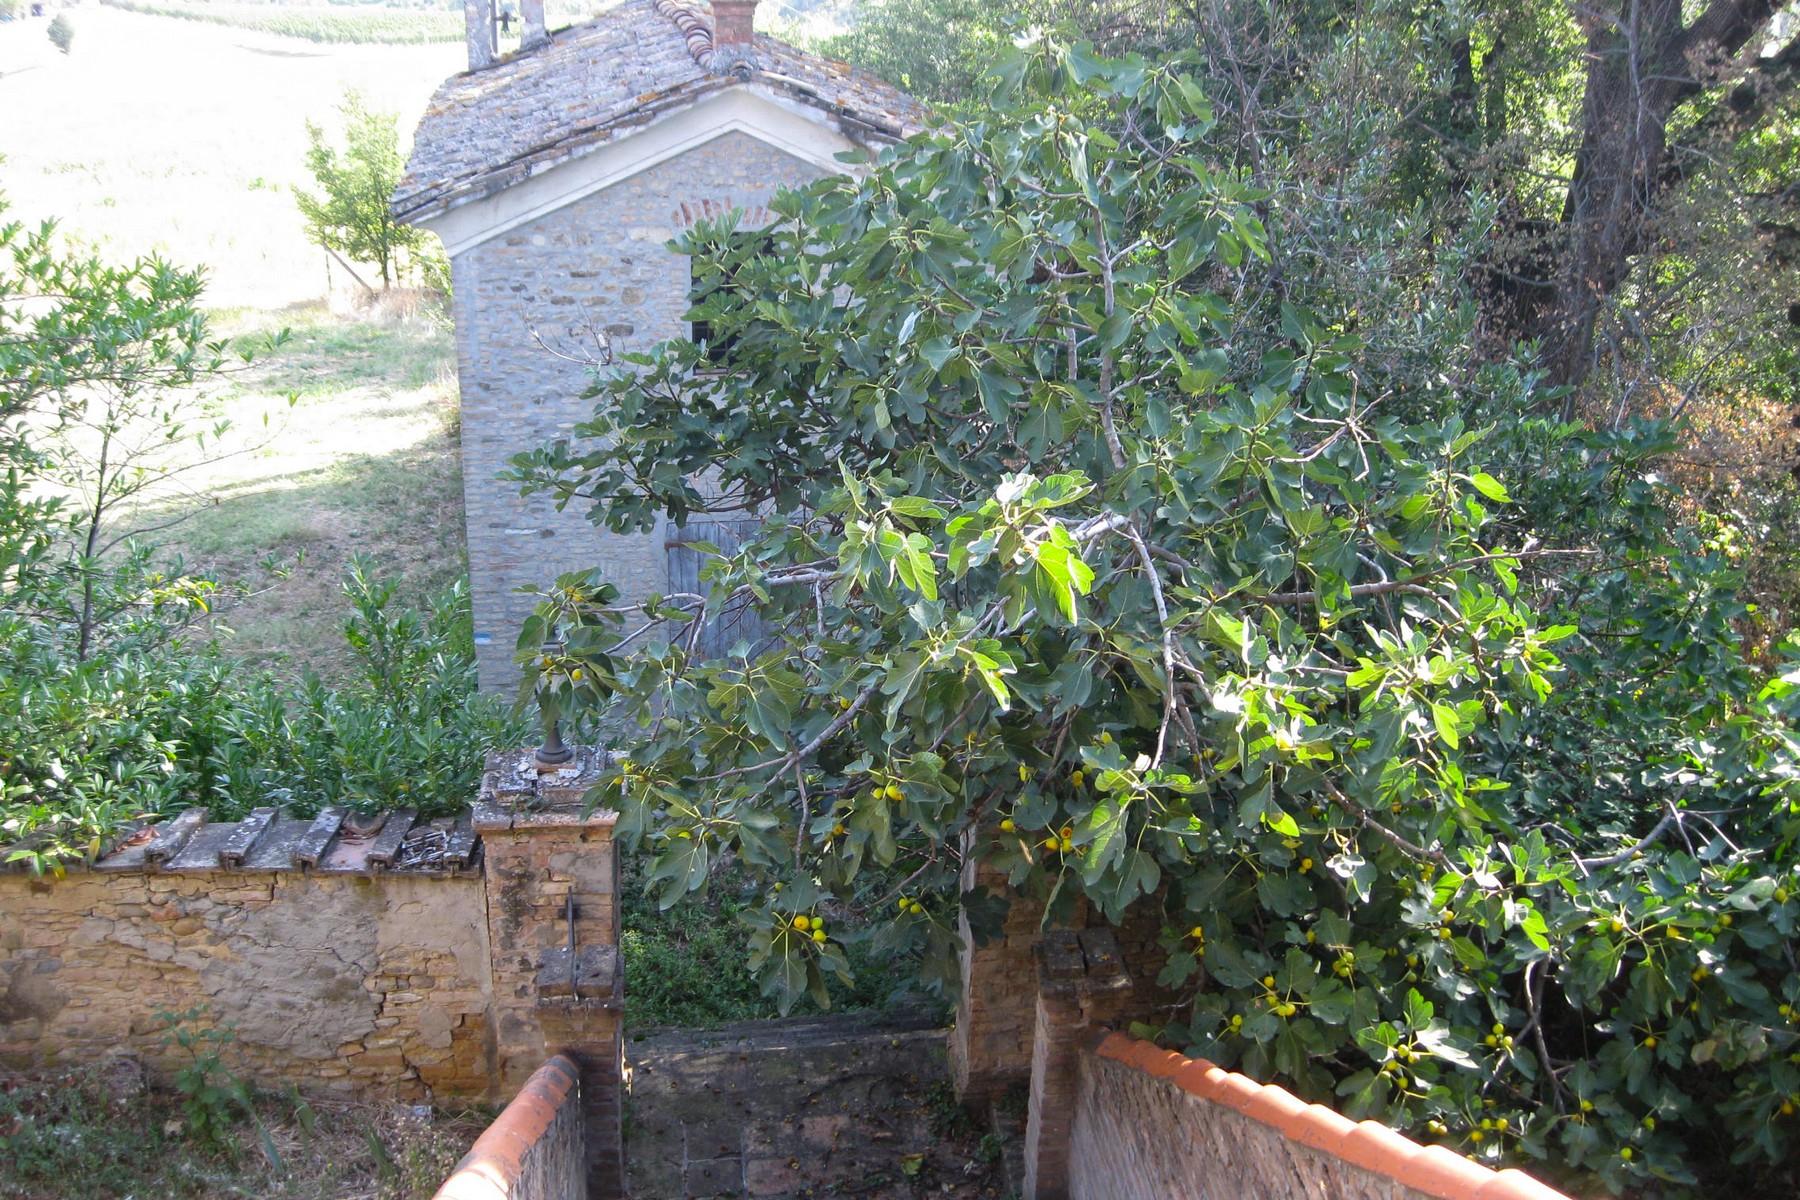 Rustico in Vendita a Castelvetro Di Modena: 5 locali, 3100 mq - Foto 9